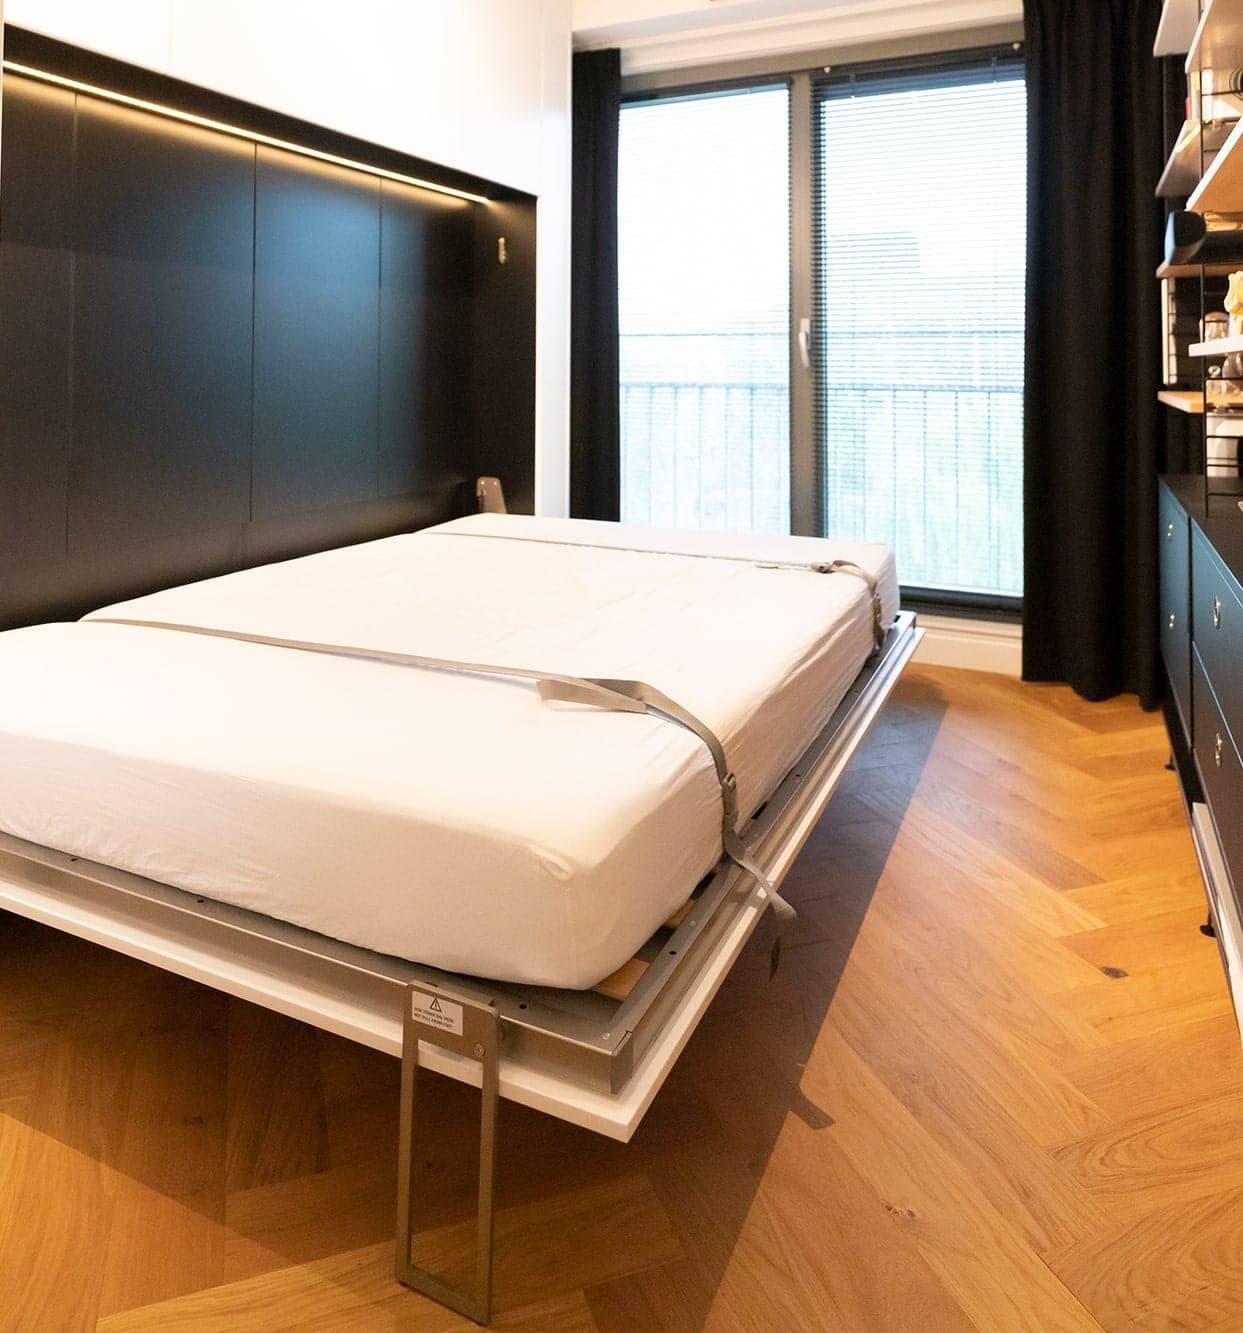 Interieurbouwer Papendrecht Hebben Een Inklapbaar Bed Gemaakt Voor Een Logeerkamer